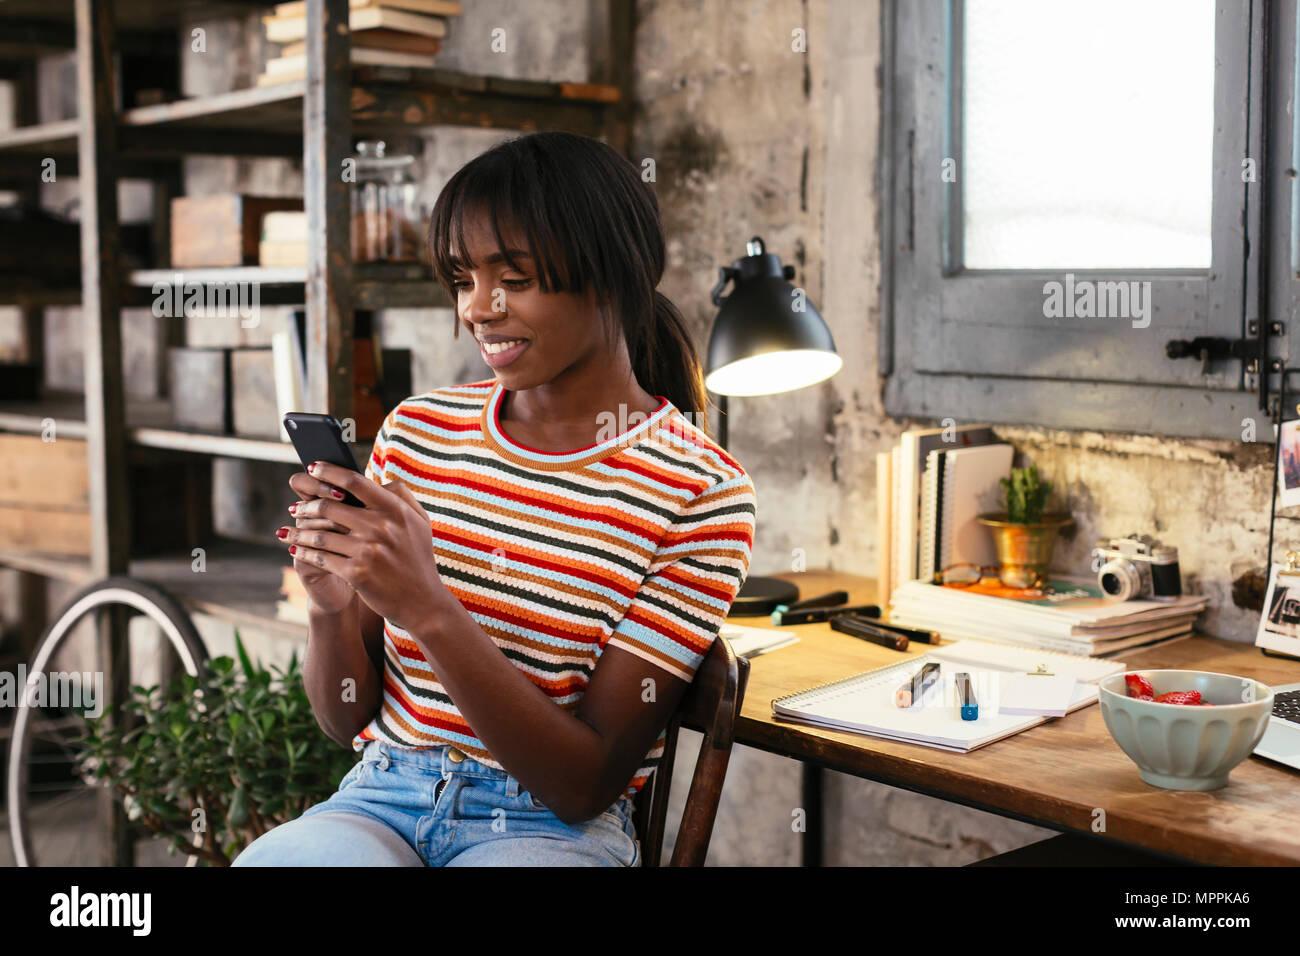 Souriante jeune femme assise en face de bureau dans un loft looking at cell phone Photo Stock